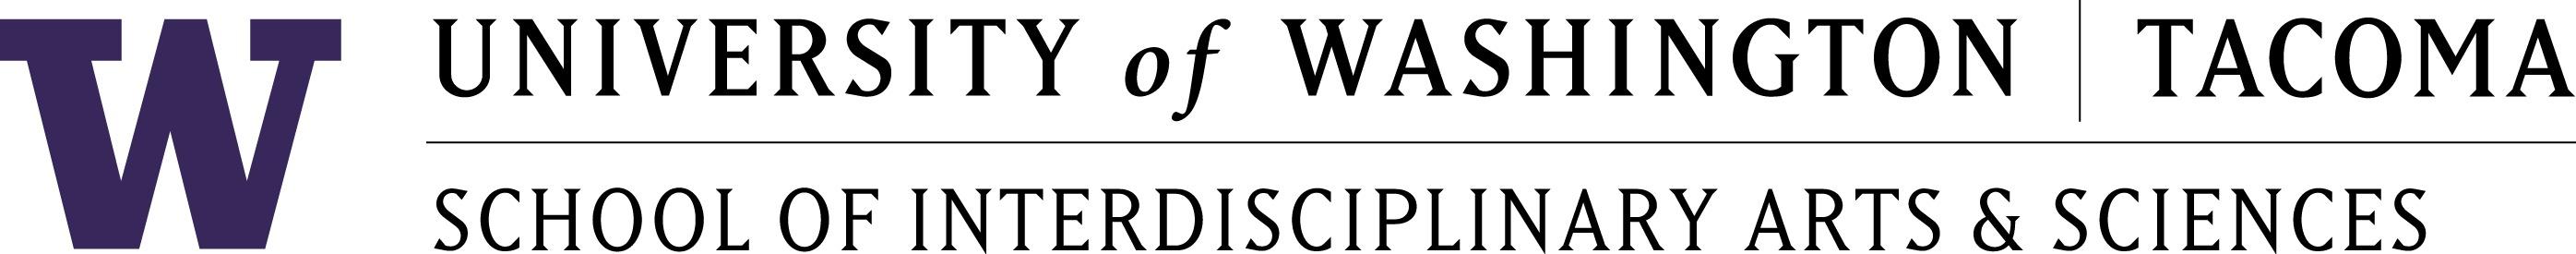 UWT_SchInterdiscipArt&Sci.fw